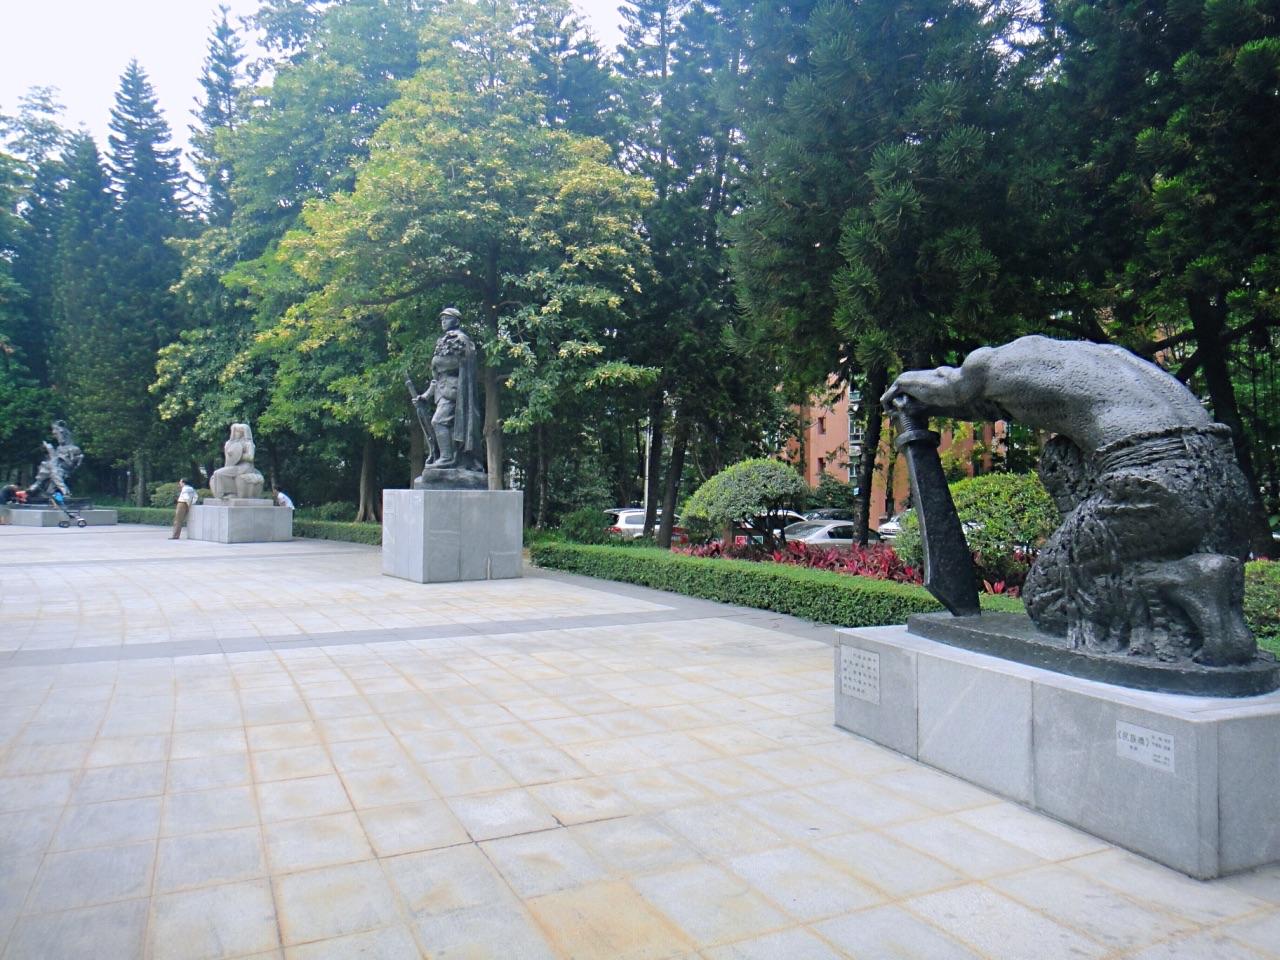 广州雕塑公园_广州雕塑公园攻略,广州雕塑公园门票/游玩攻略/地址/图片/门票 ...